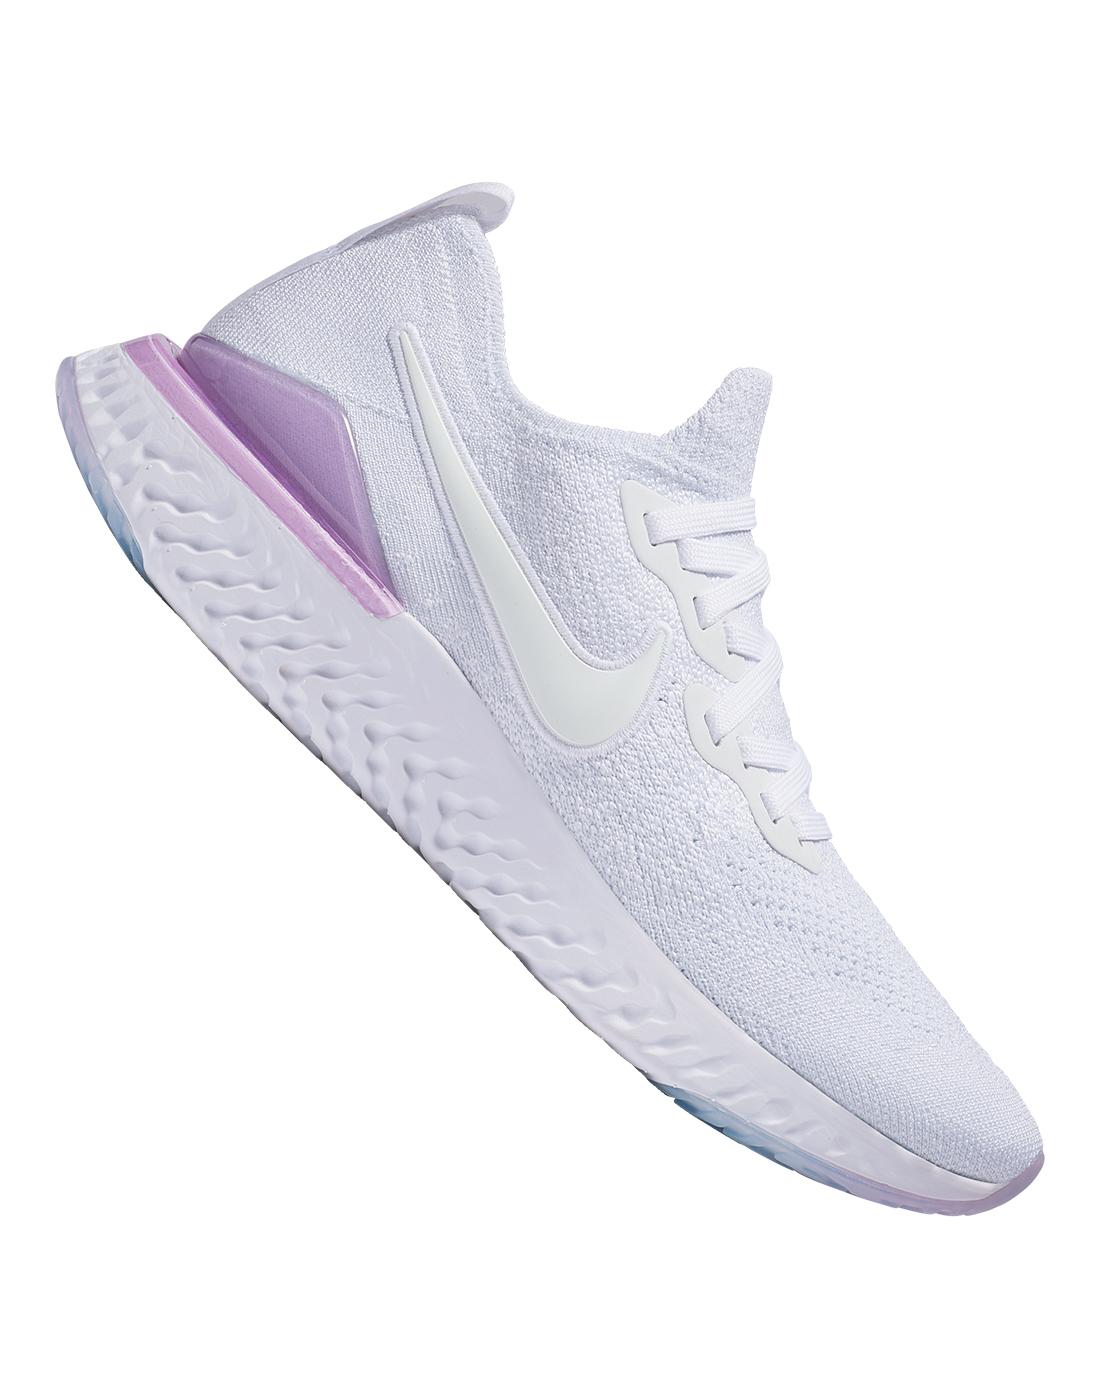 Women's White \u0026 Pink Nike Epic React